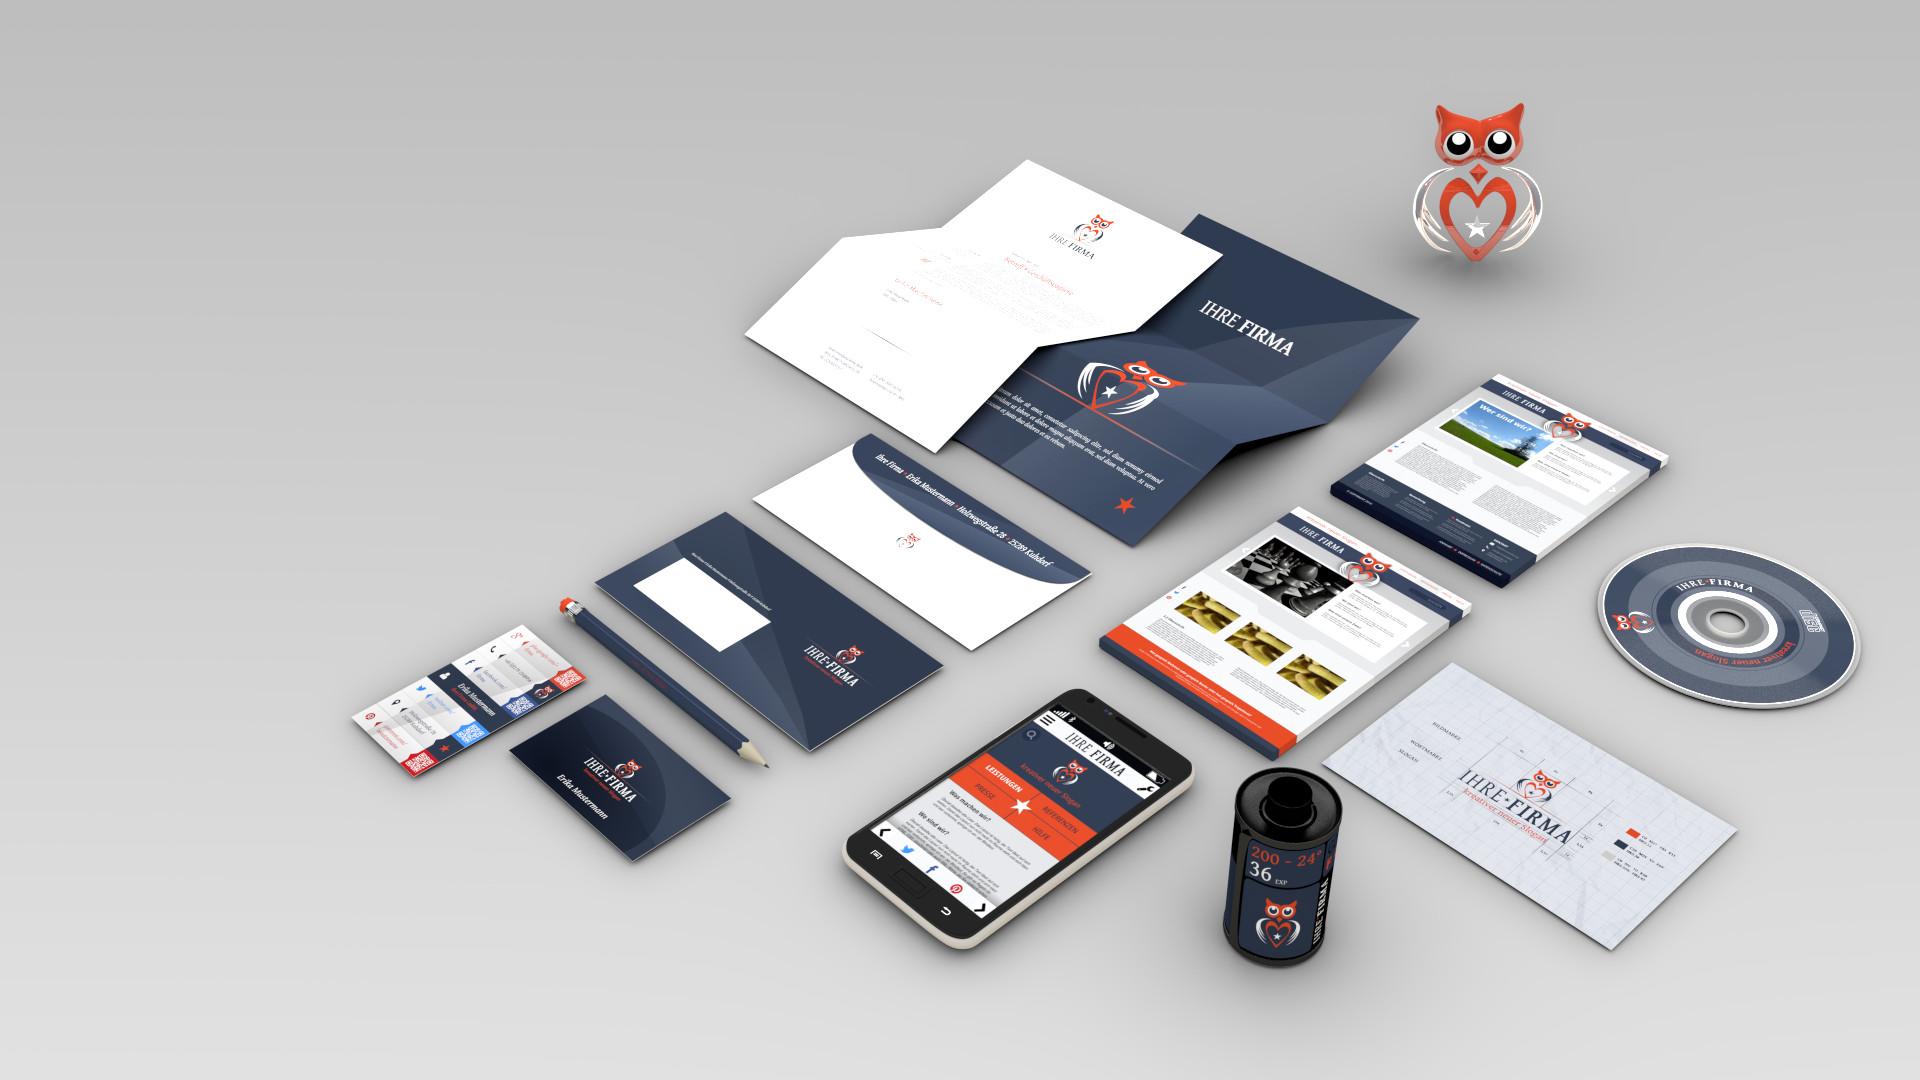 Blender3D-Grafik - Corporate Design